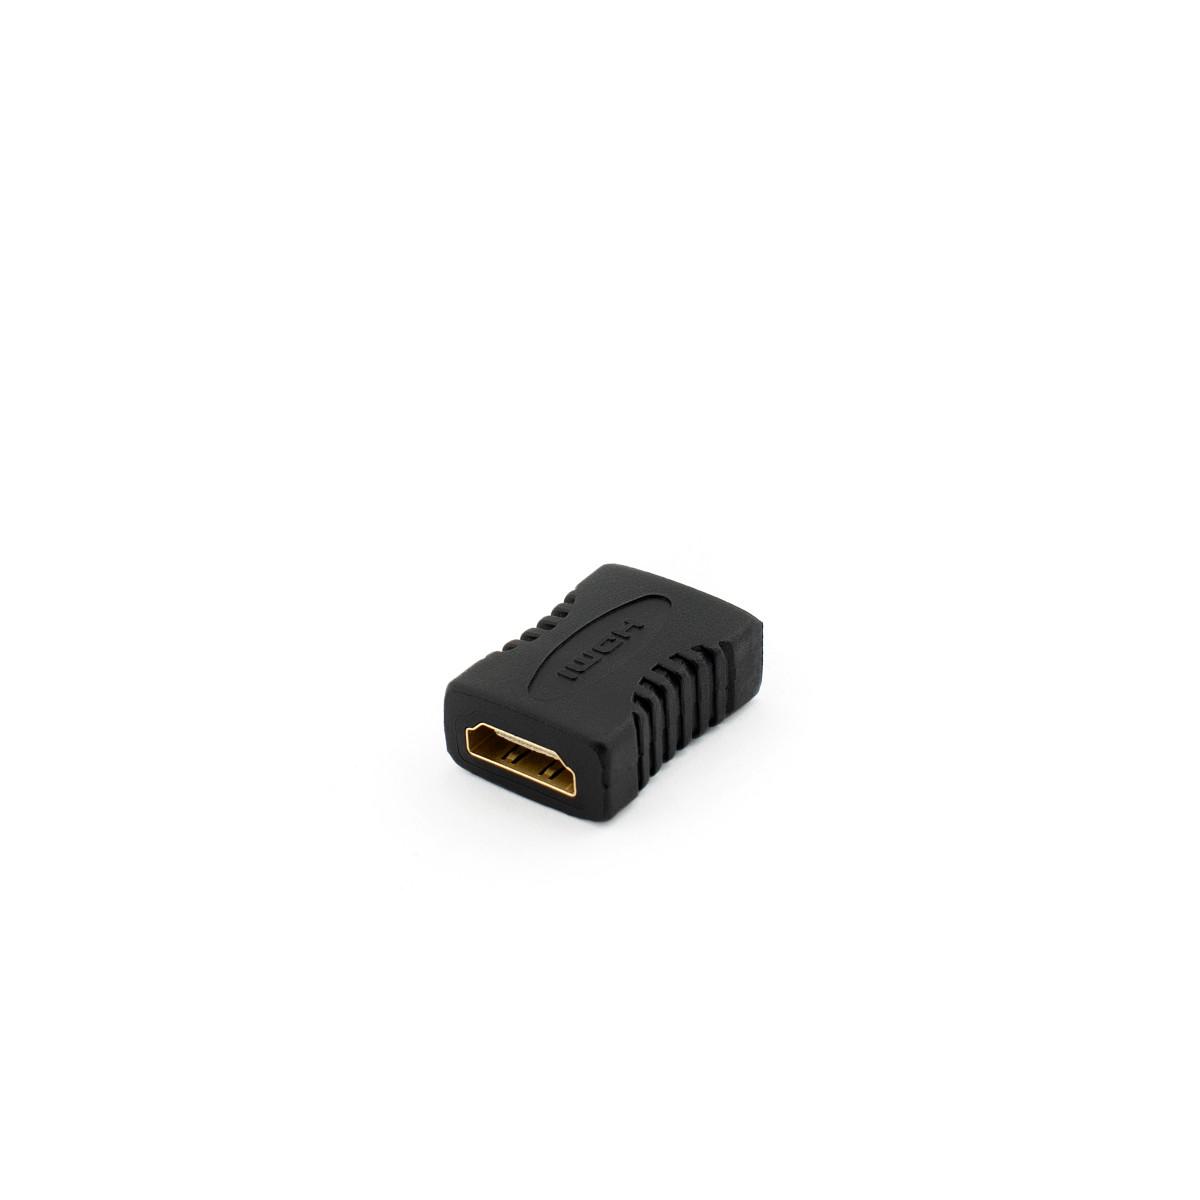 Переходник HDMI-HDMI Oxion гнездо-гнездо